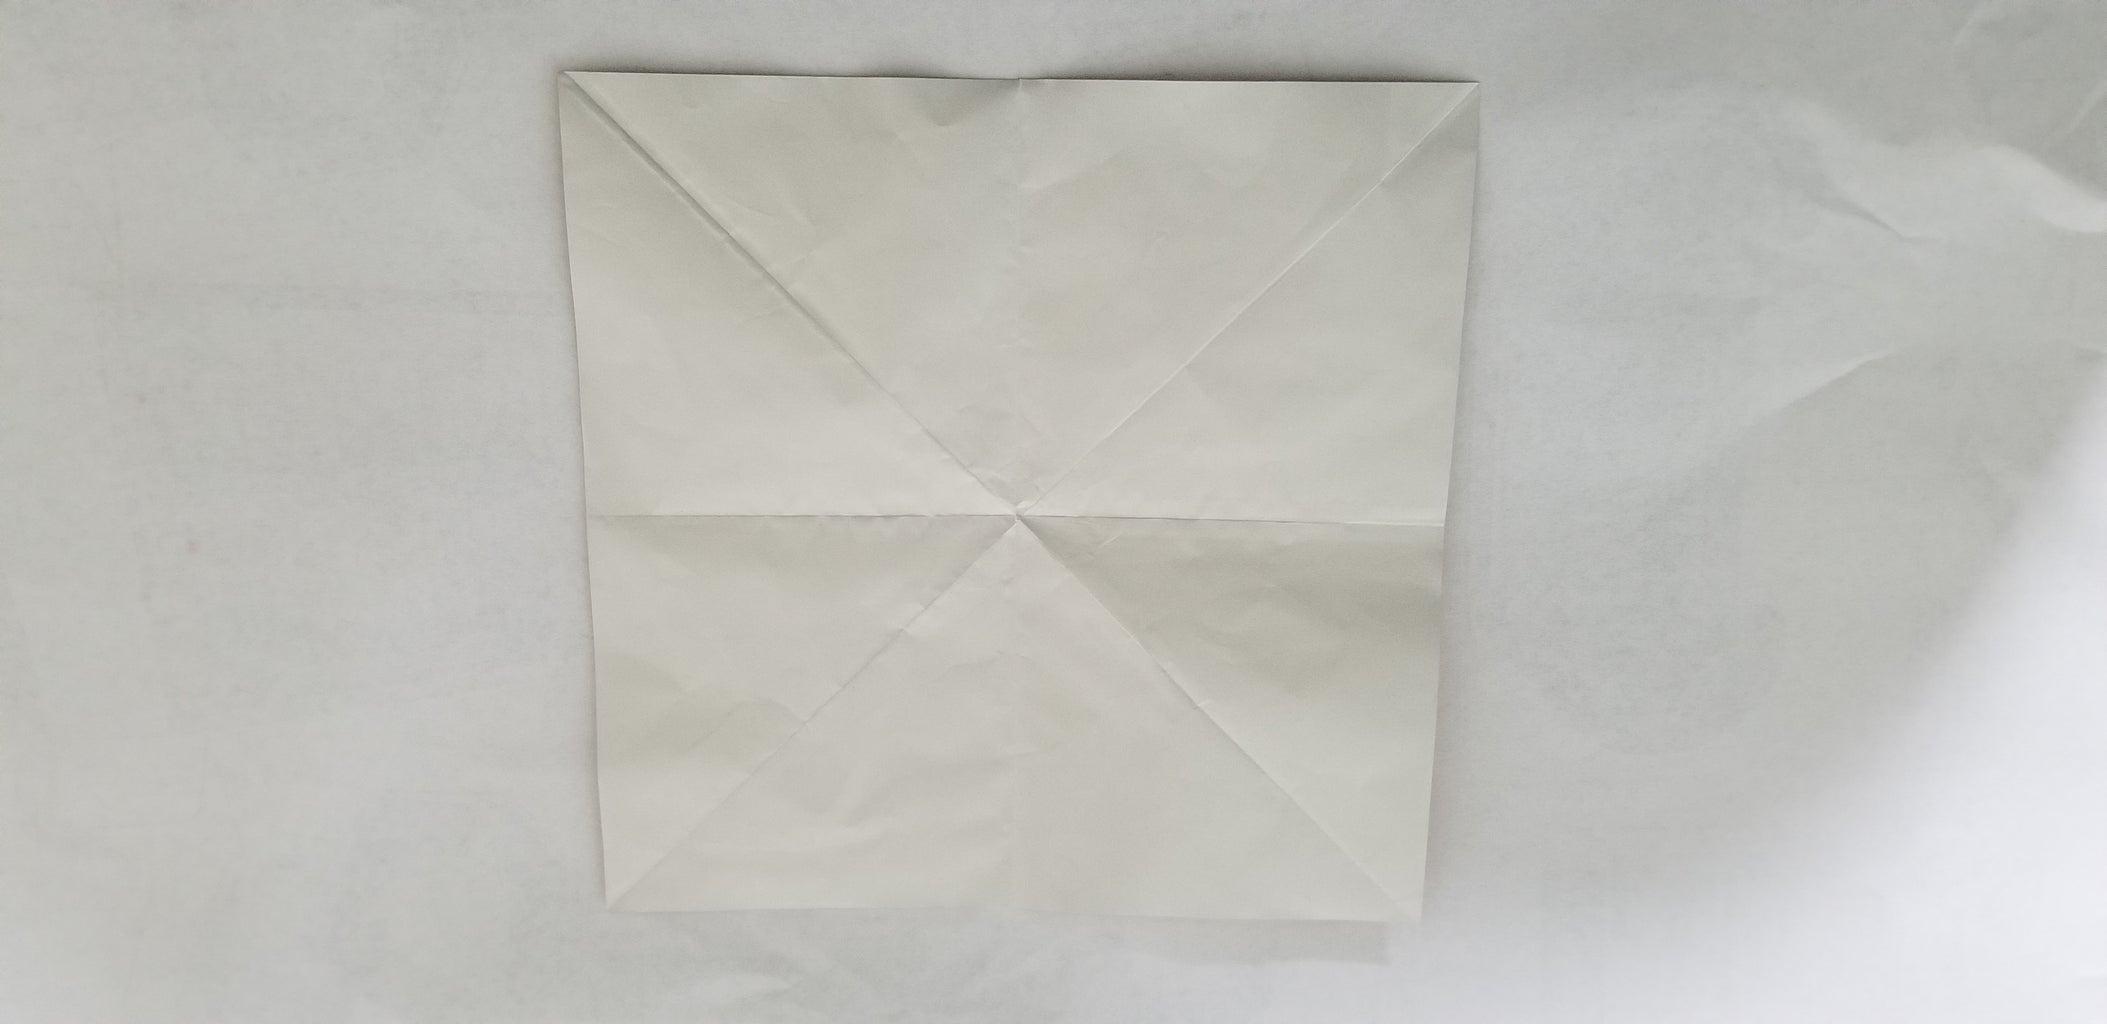 Base Folds